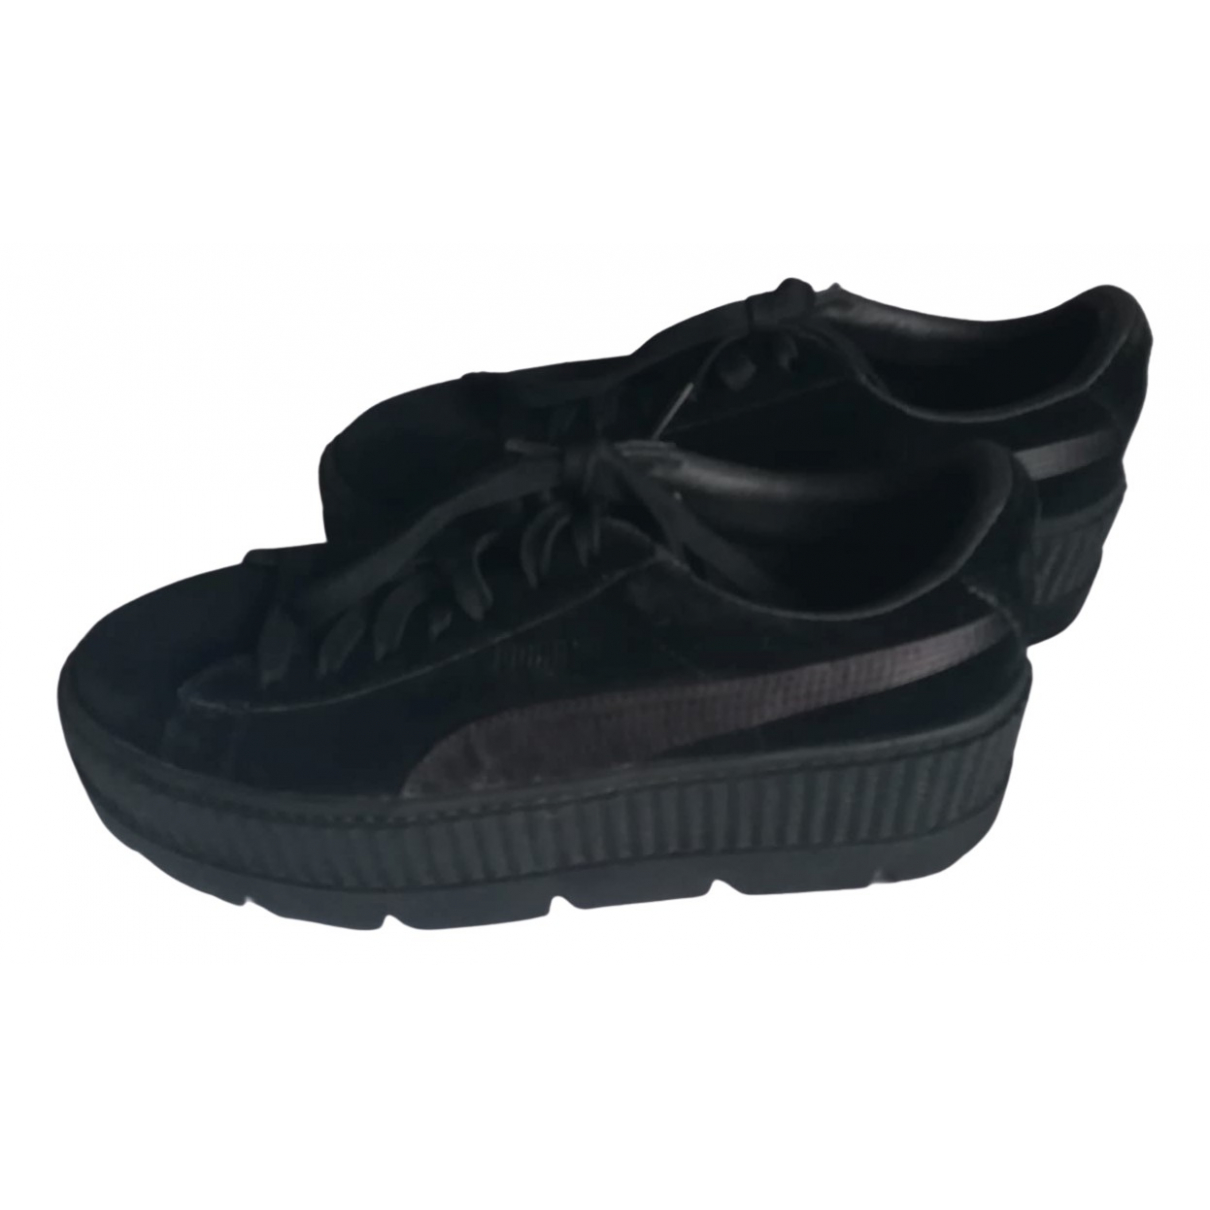 Fenty X Puma - Baskets   pour femme en velours - noir